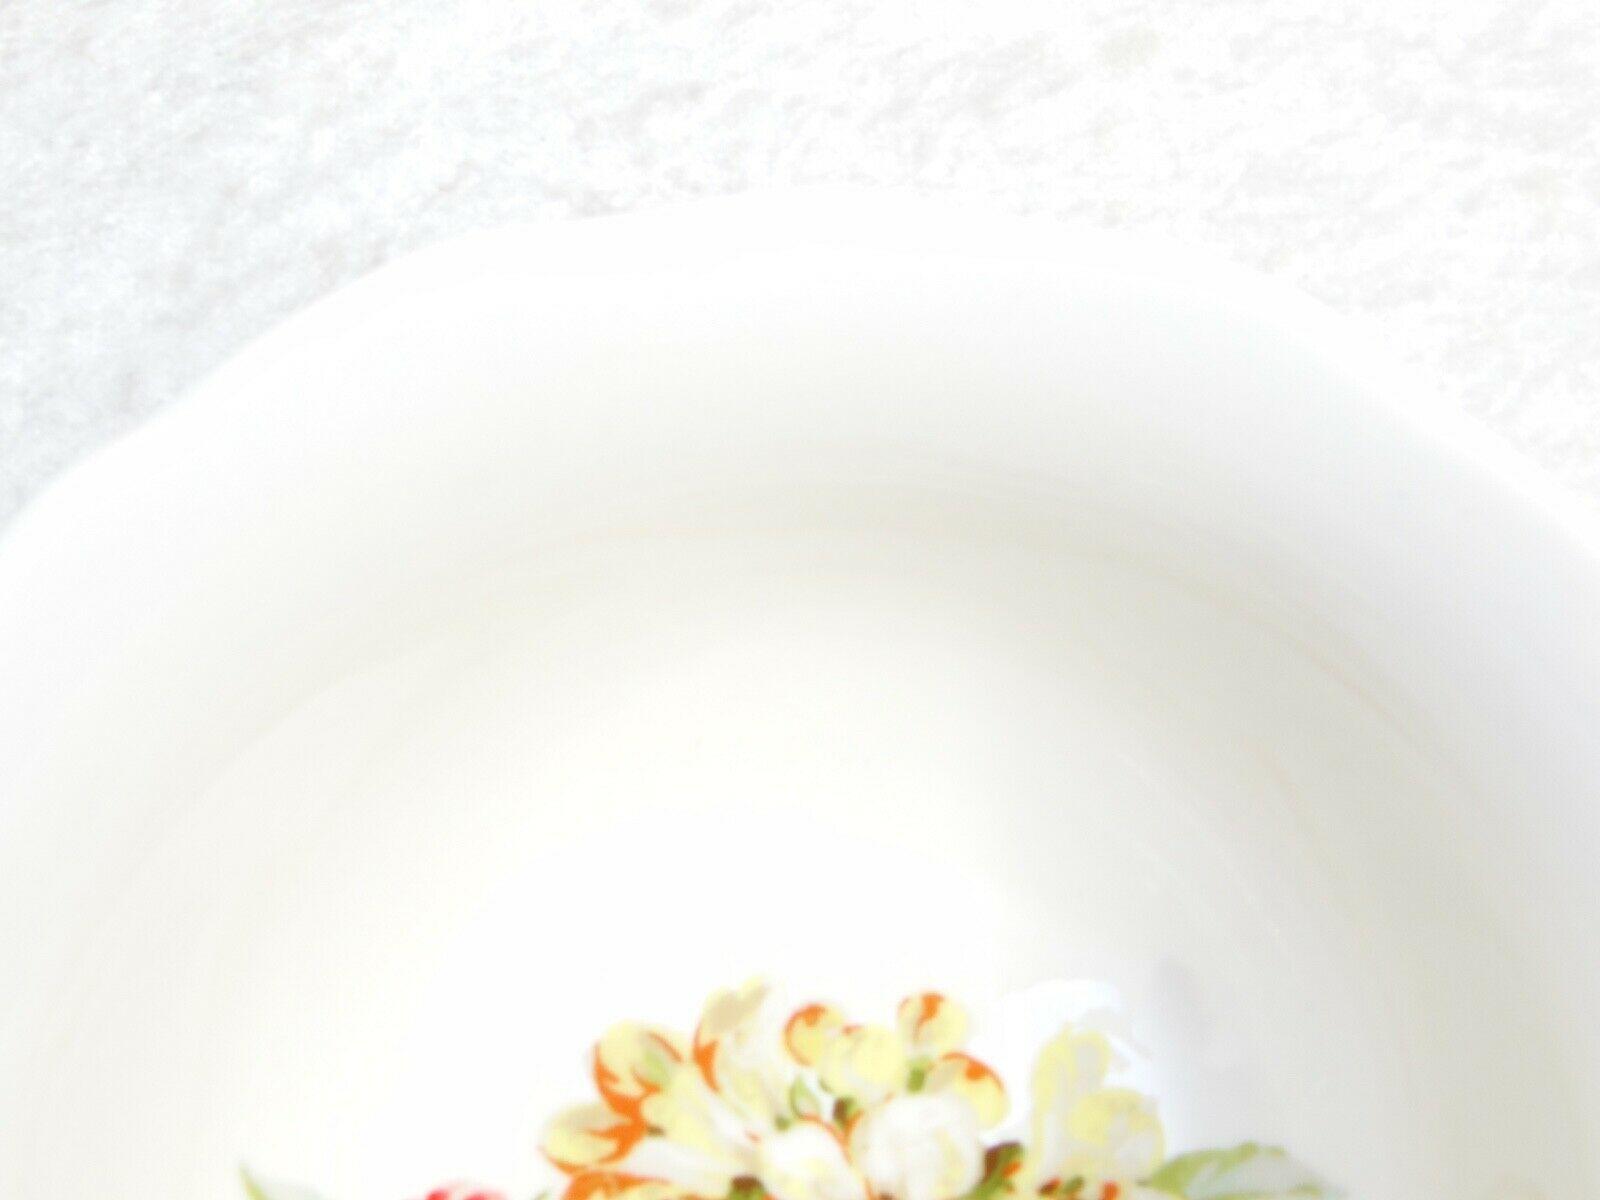 222 Fifth Ellis Bowl Floral Soup Cereal Popcorn Ice Cream Snack Bowl Porcelaine